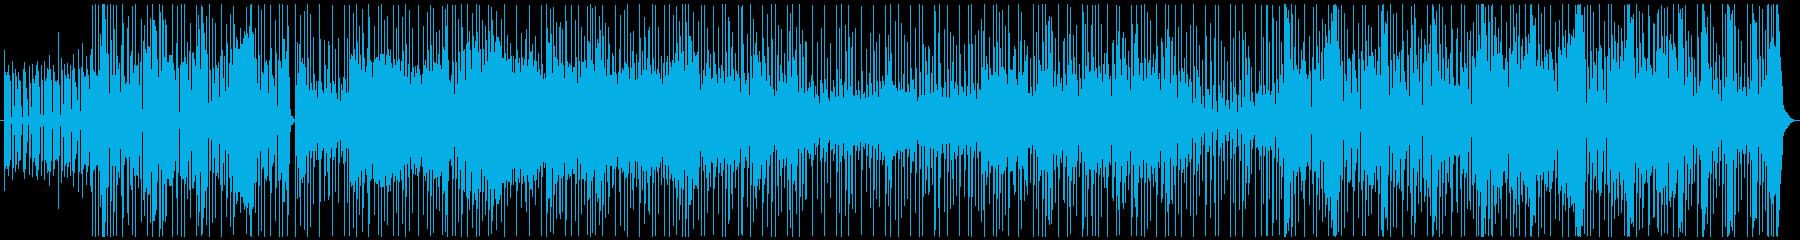 ファンキーBGM ブルースハープを添えての再生済みの波形